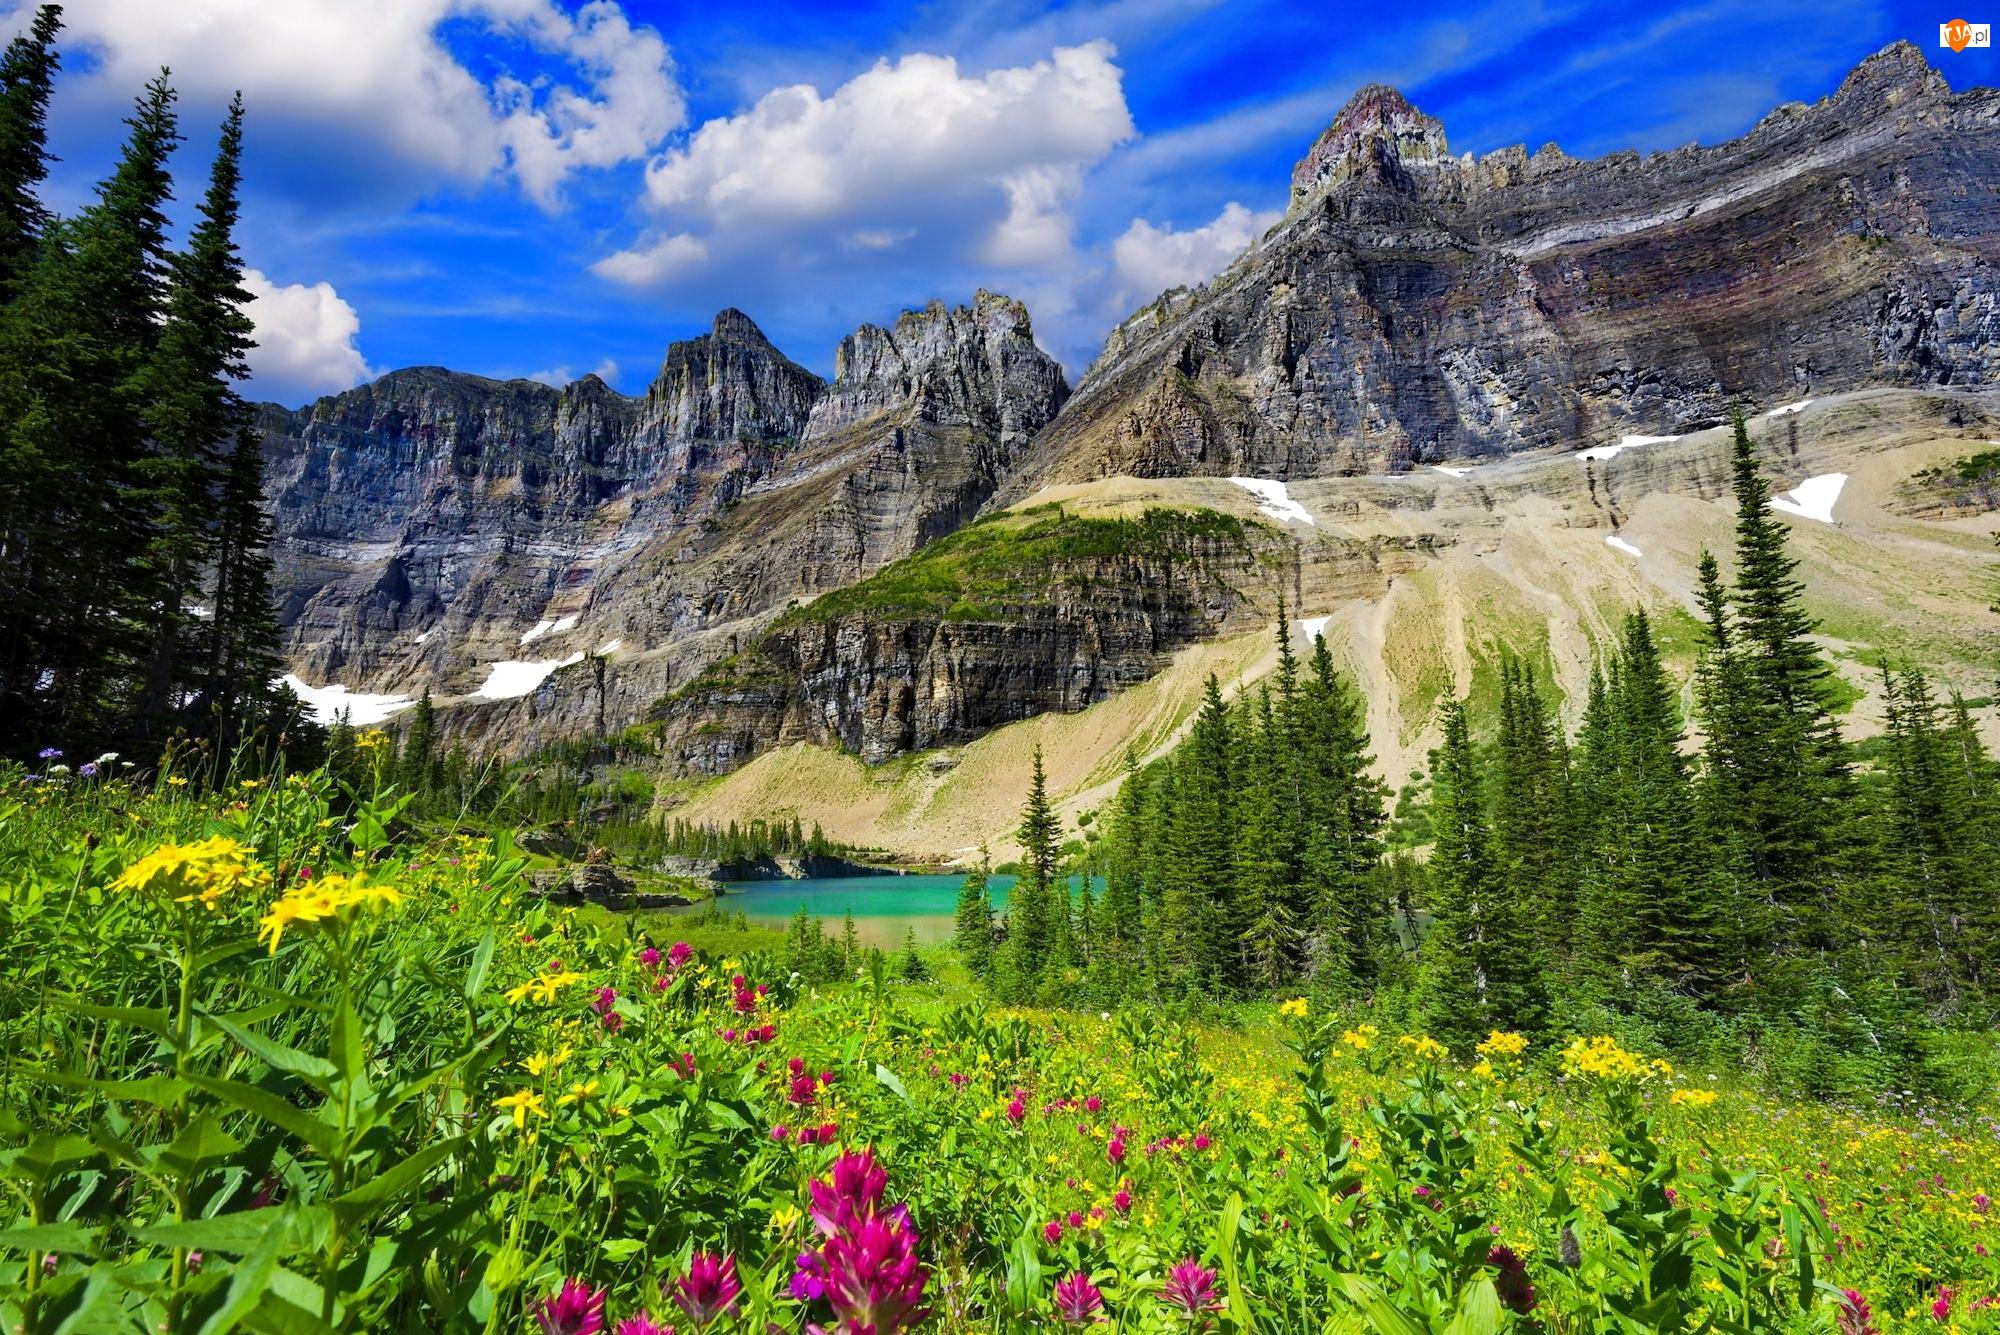 Drzewa, Łąka, Niebo, Kwiaty, Jezioro Iceberg Lake, Stan Montana, Świerki, Góry, Trawa, Park Narodowy Glacier, Stany Zjednoczone